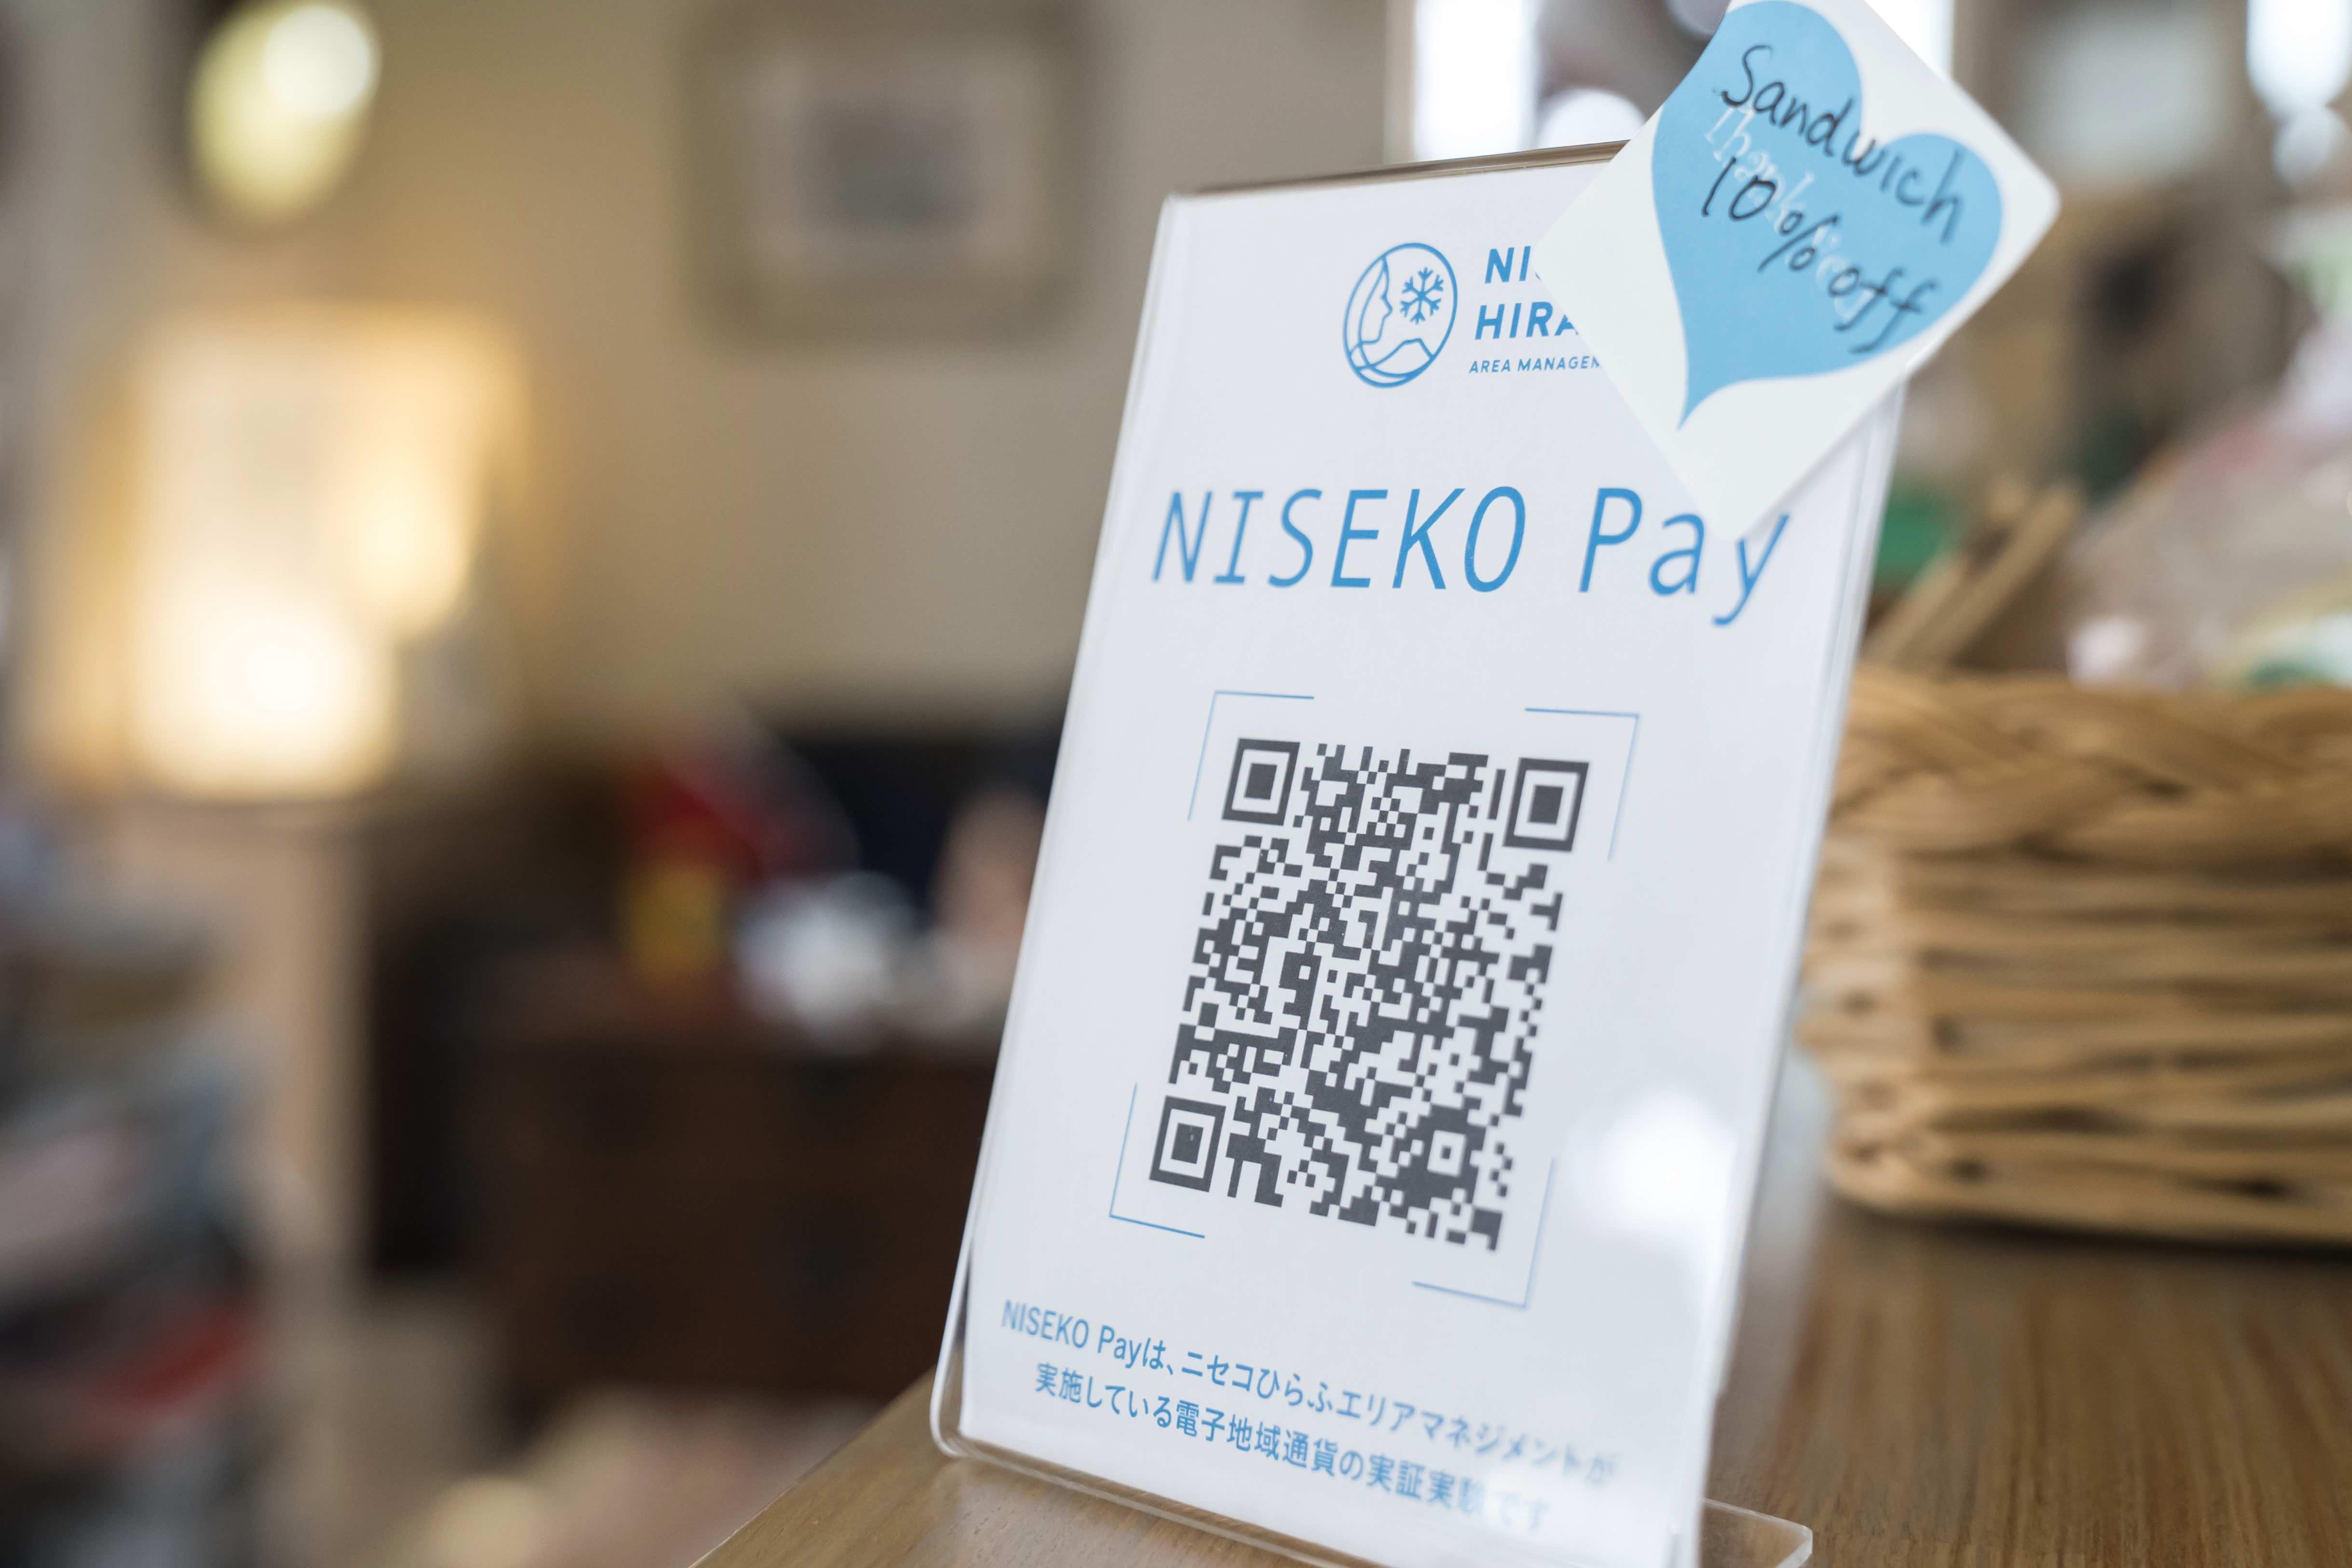 北海道ニセコで電子地域通貨の実証実験、今年は観光客に対象拡大、ブロックチェーン技術を活用